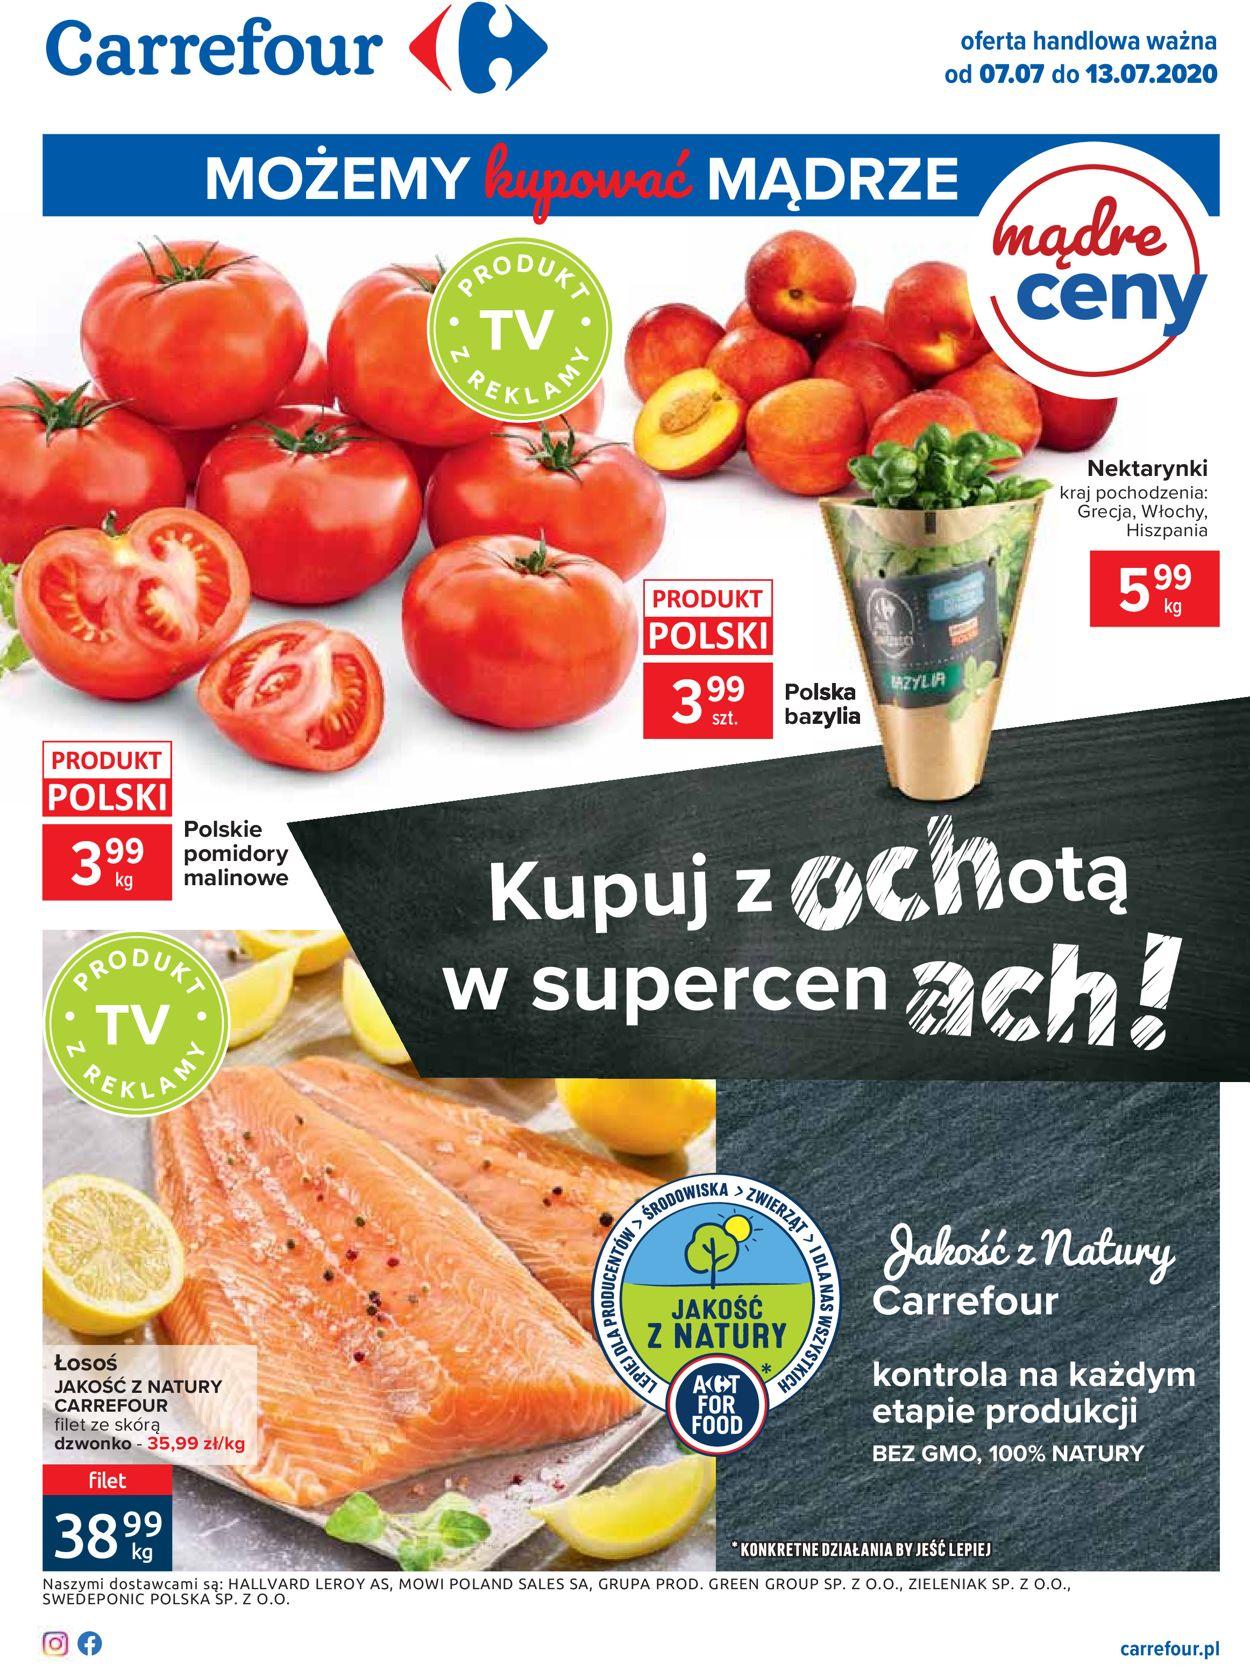 Gazetka promocyjna Carrefour - 07.07-13.07.2020